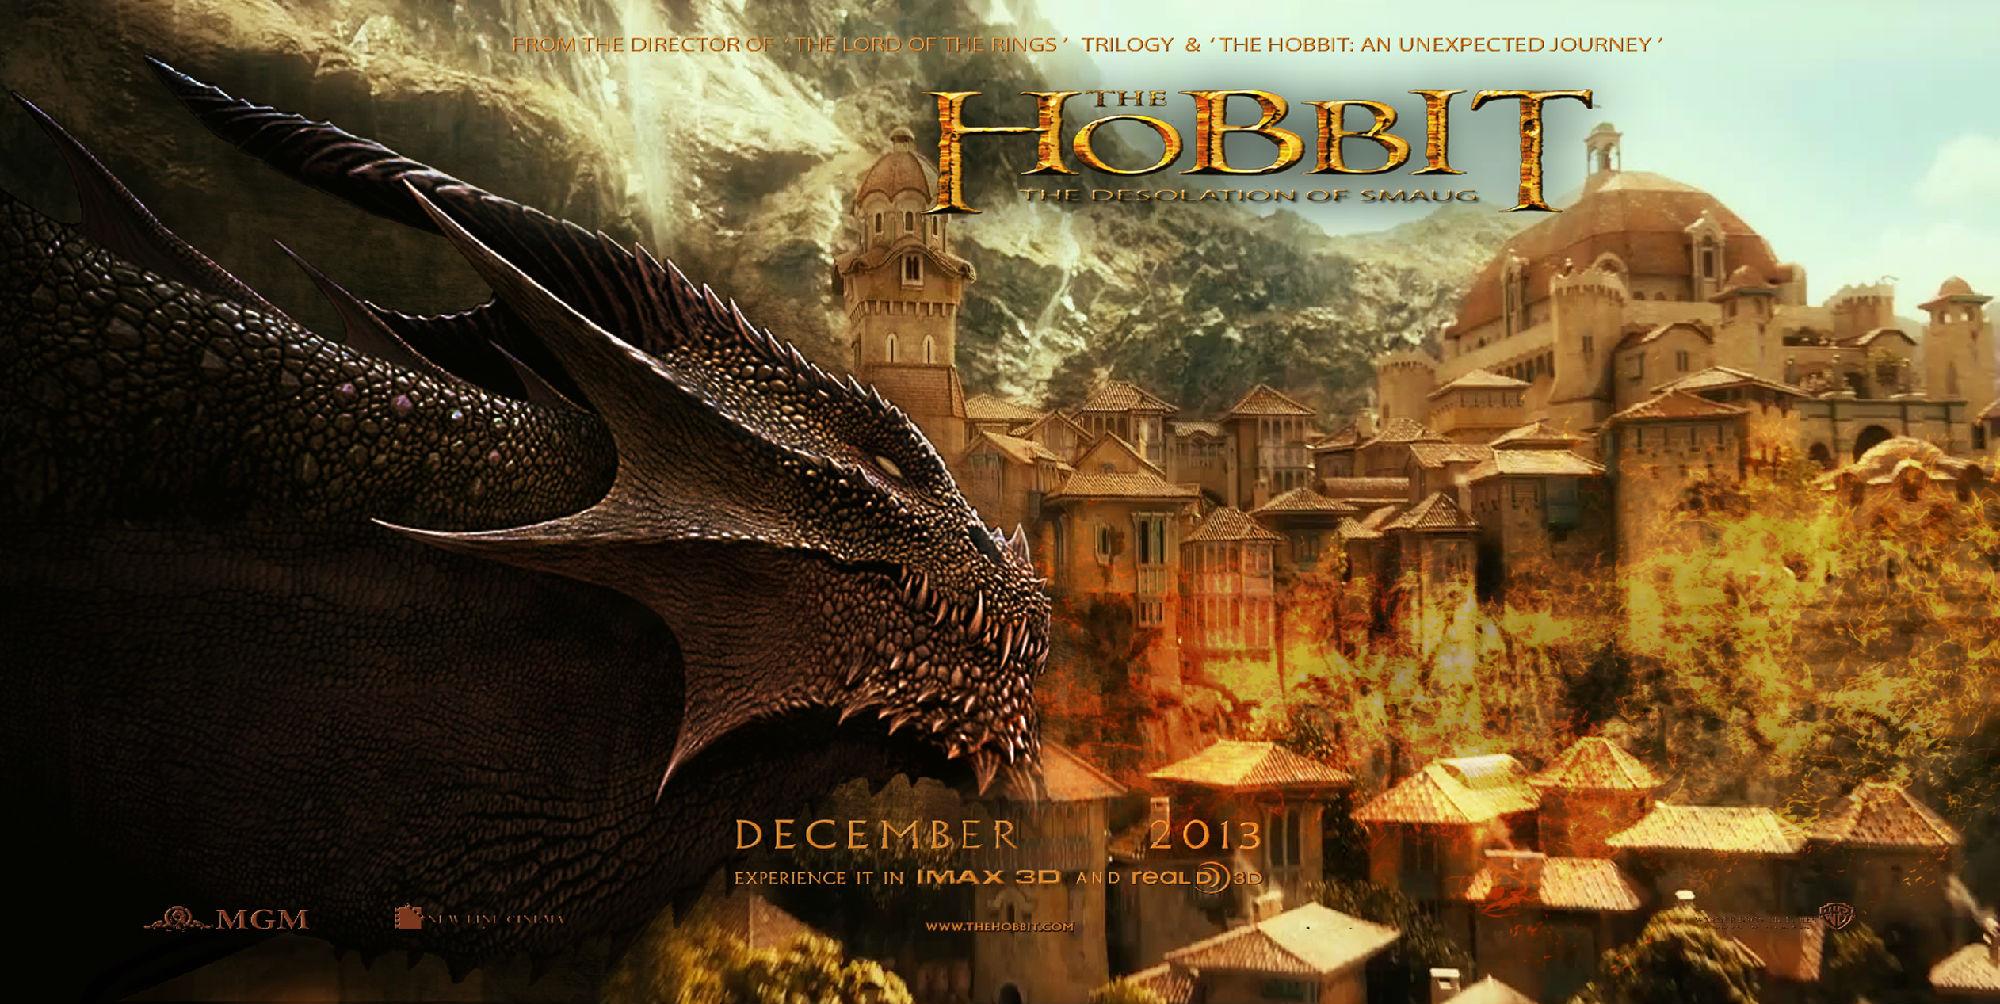 霍比特人2 定档2月底国内上映 神探夏洛克 卷福花生再合作讲寻宝探险故事